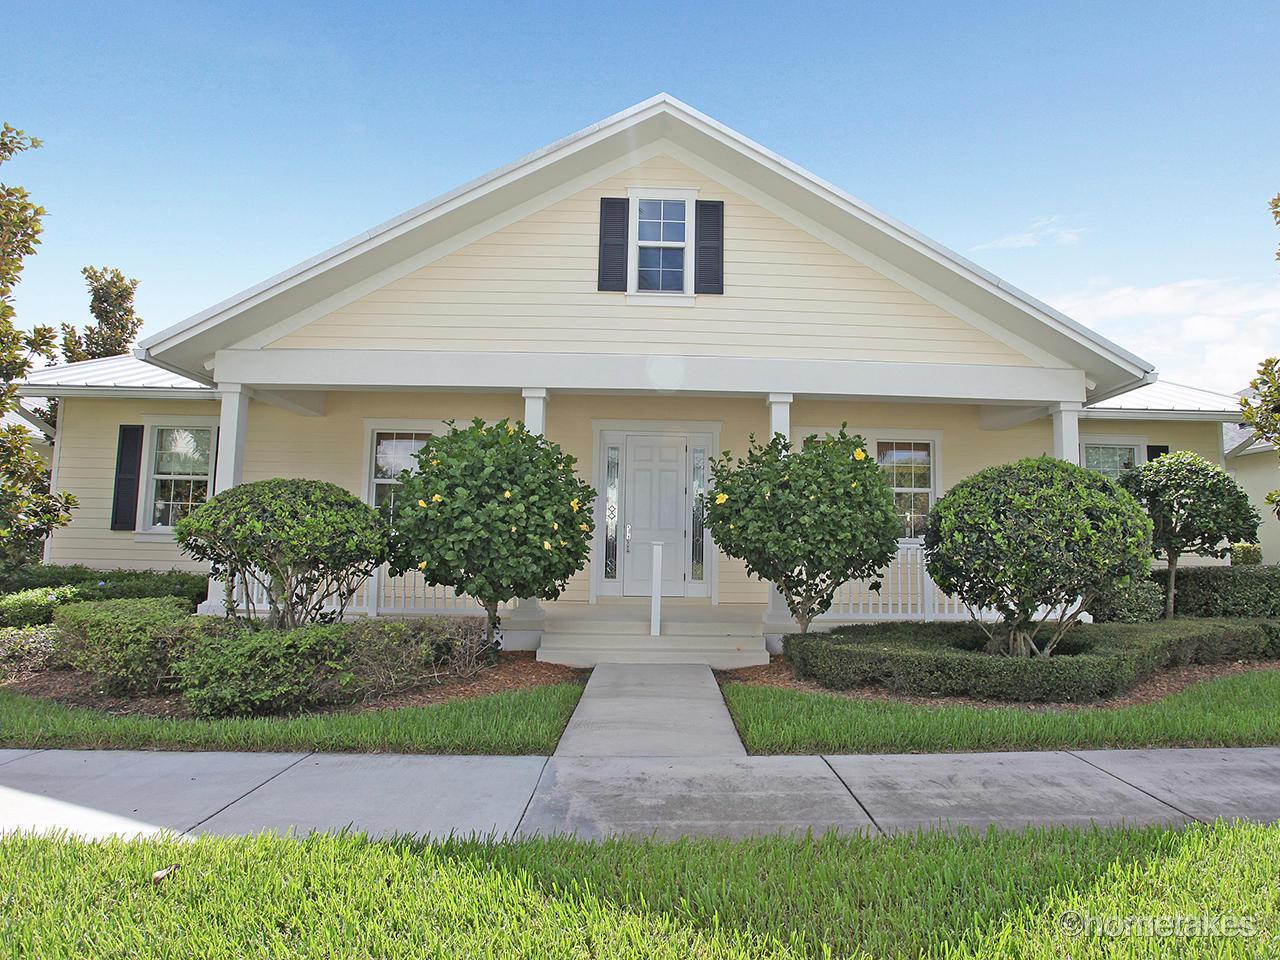 New Home for sale at 3461 Elizabeth Street in Jupiter